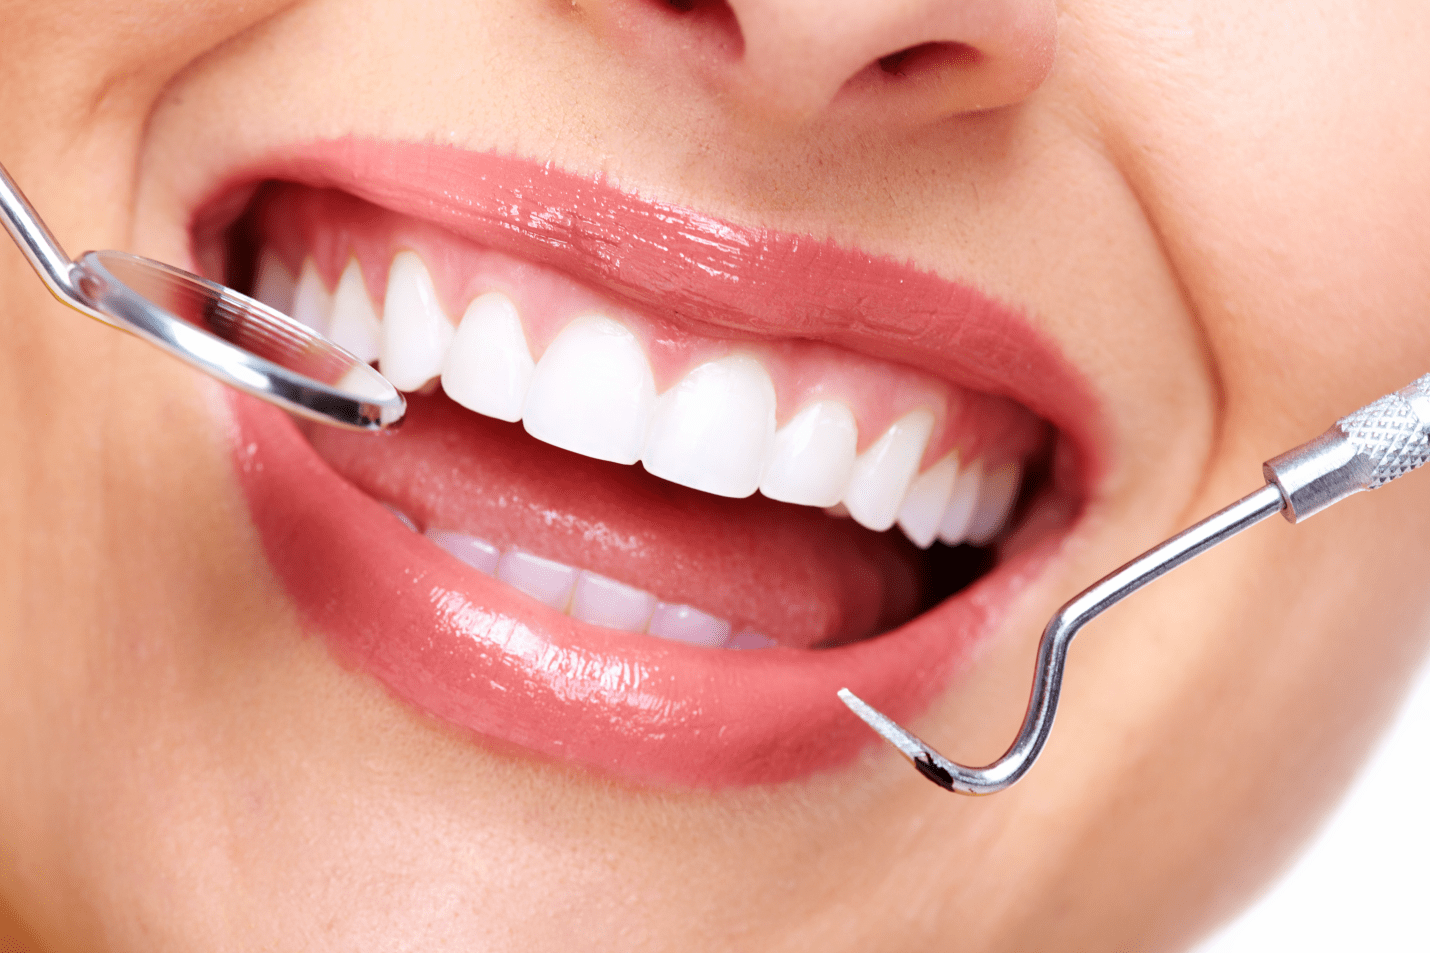 https://dentalstudioturkey.com/wp-content/uploads/2021/02/Laser-Gum-Contouring.png